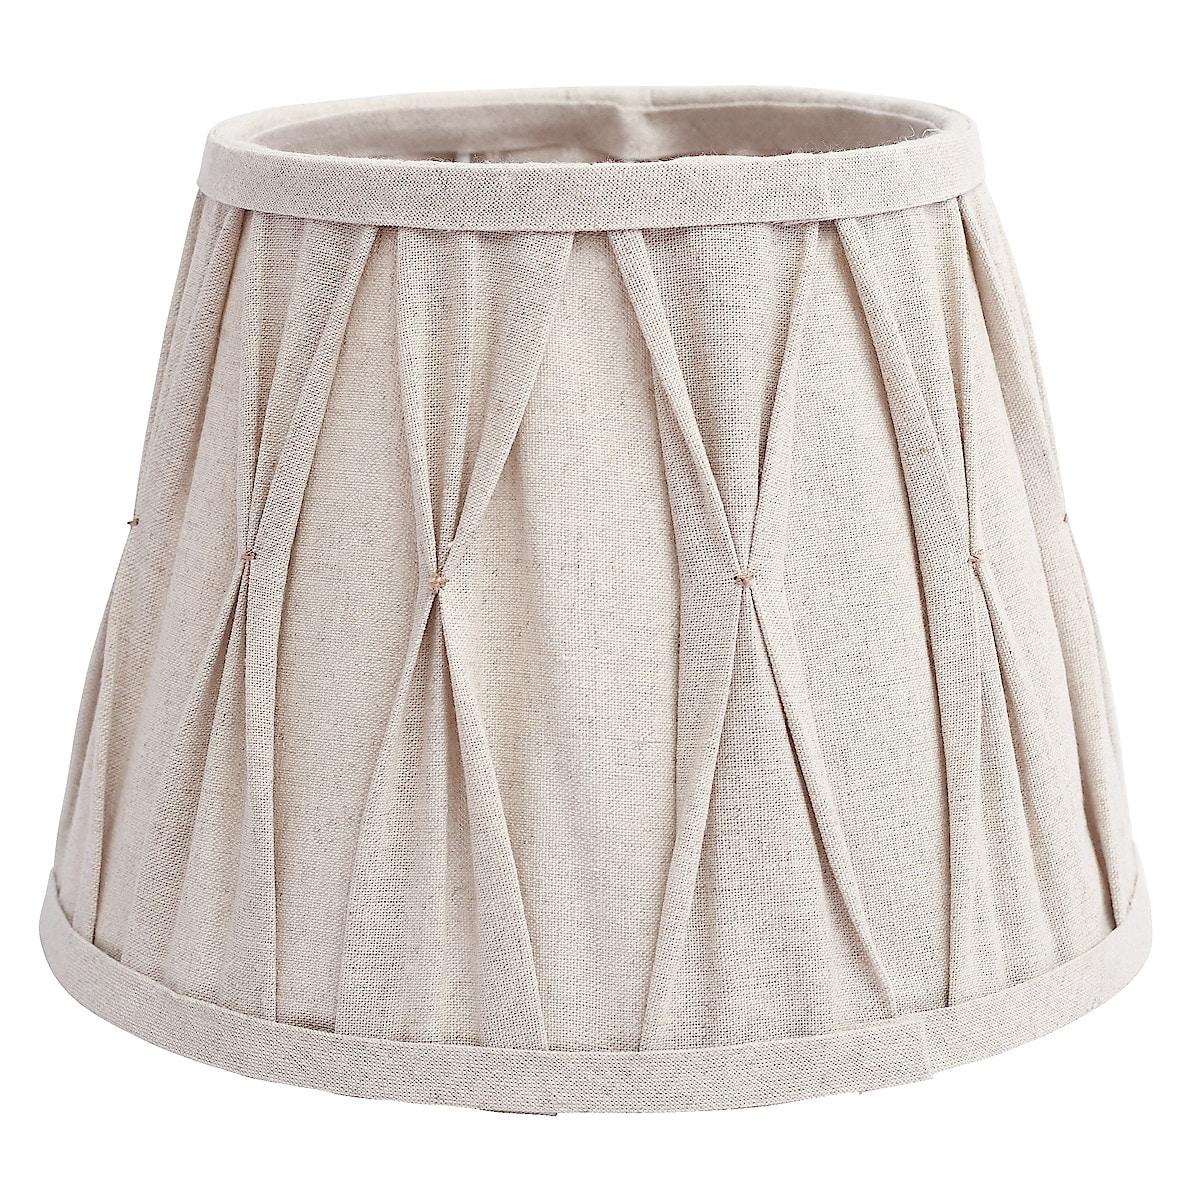 Northlight lampeskjerm, lin 25 cm